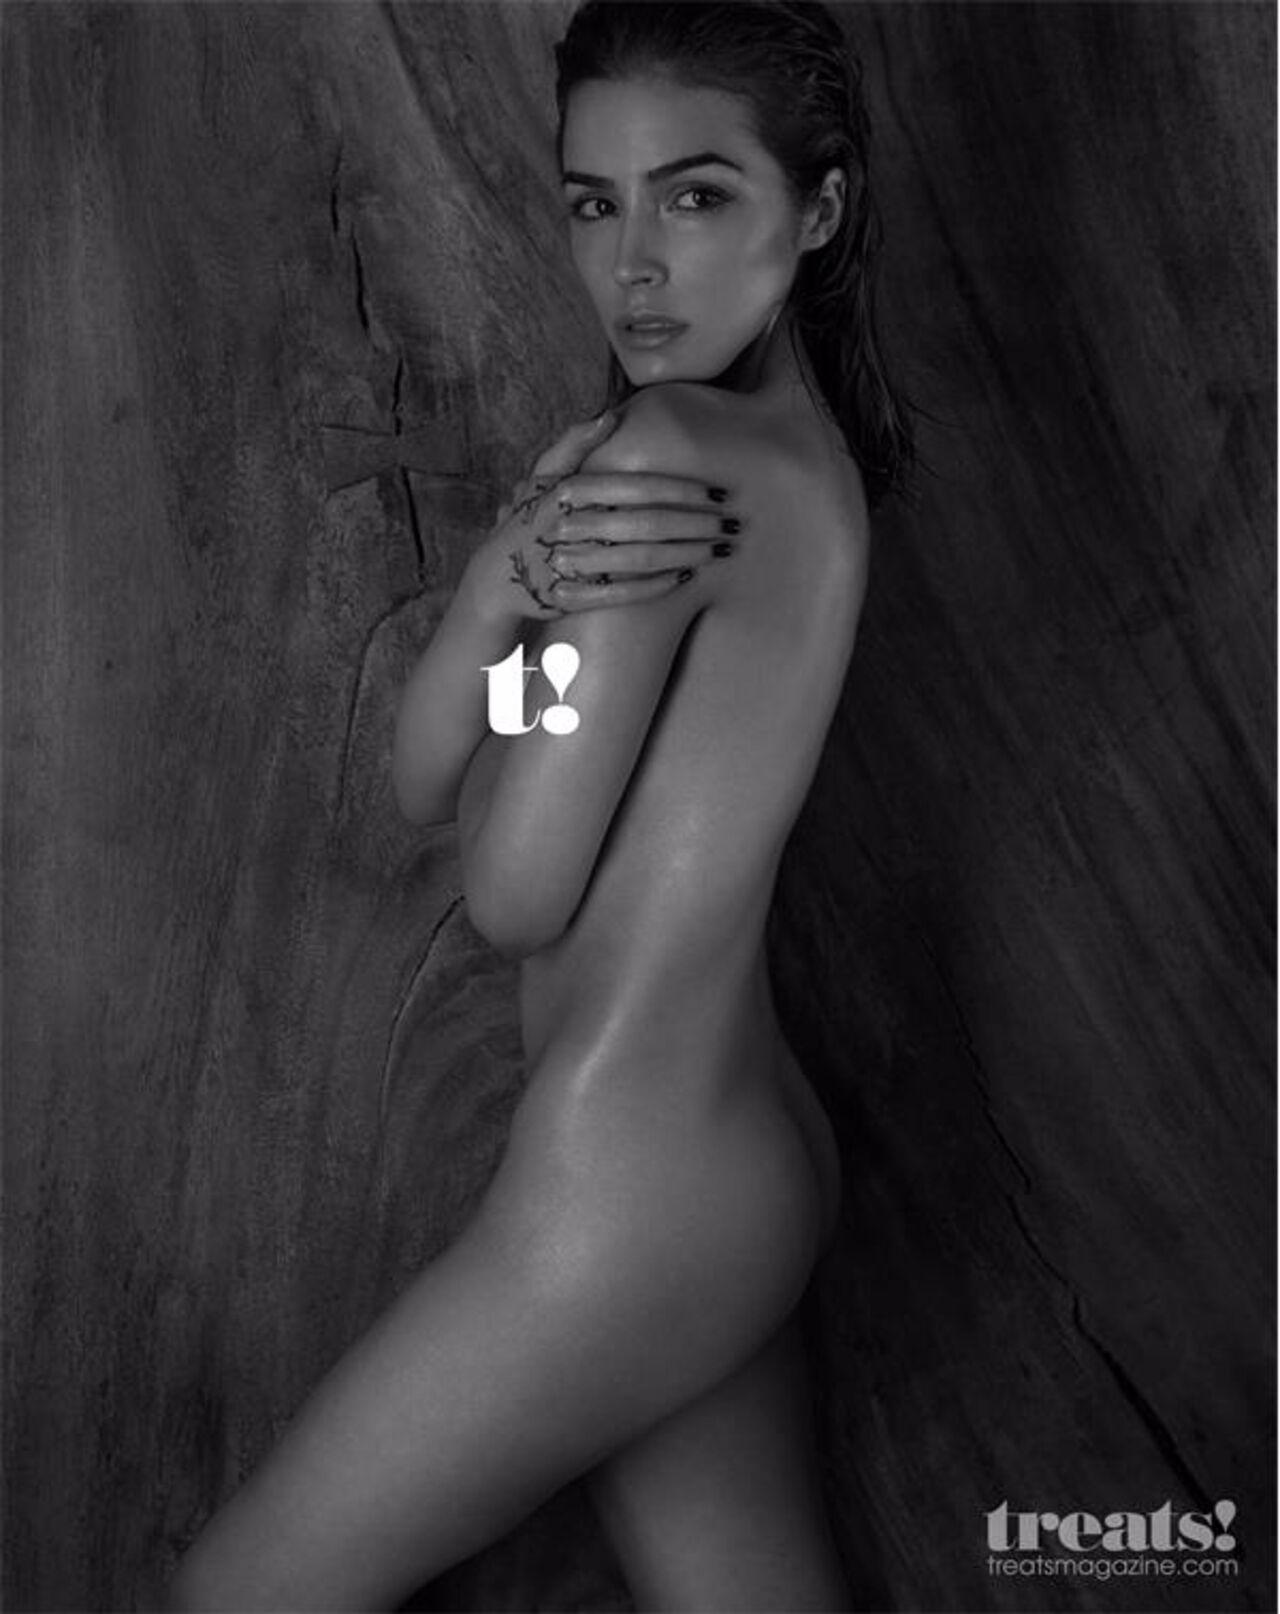 Смотреть порно с мисс вселенная 18 фотография